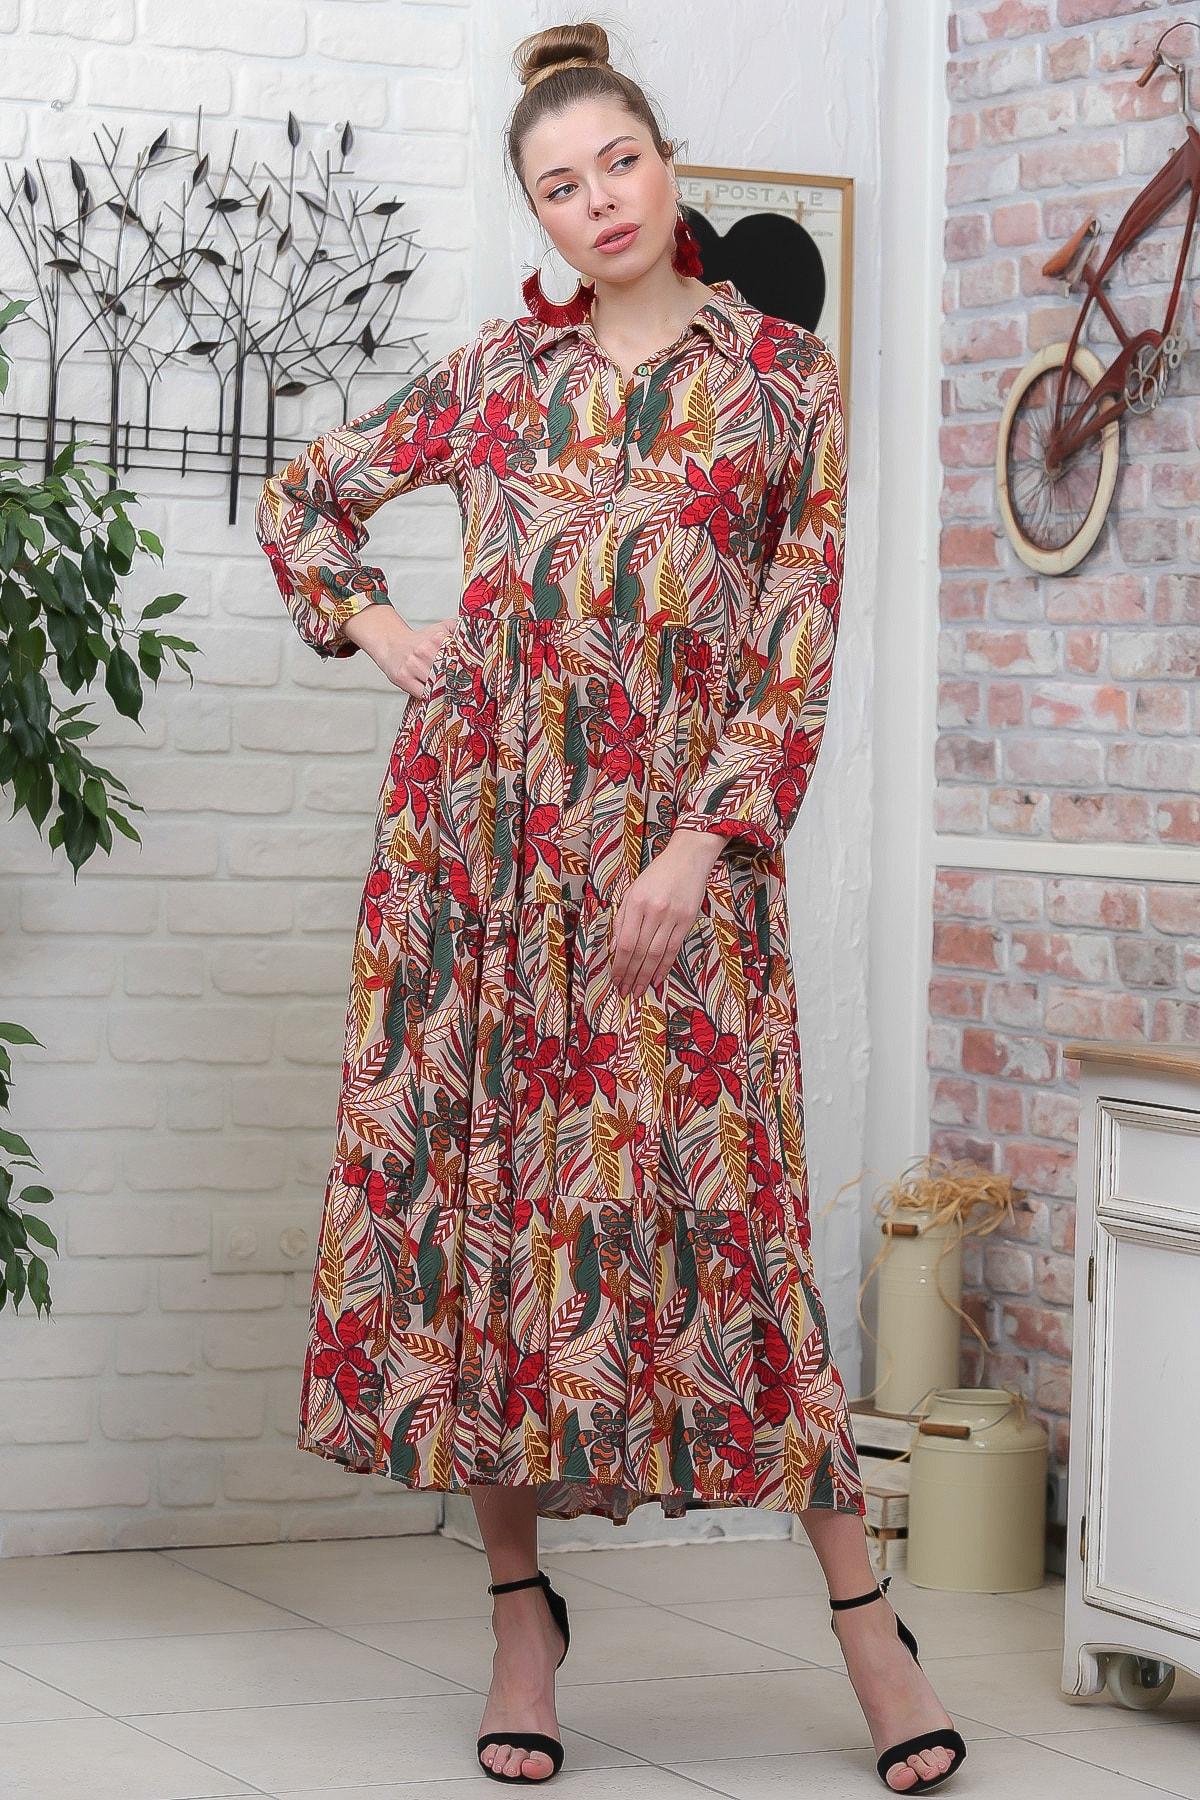 Chiccy Kadın Bej- Kırmızı Yaprak Desen Gömlek Yaka Düğmeli Cepli Kloş Dokuma Elbise M10160000EL95928 2